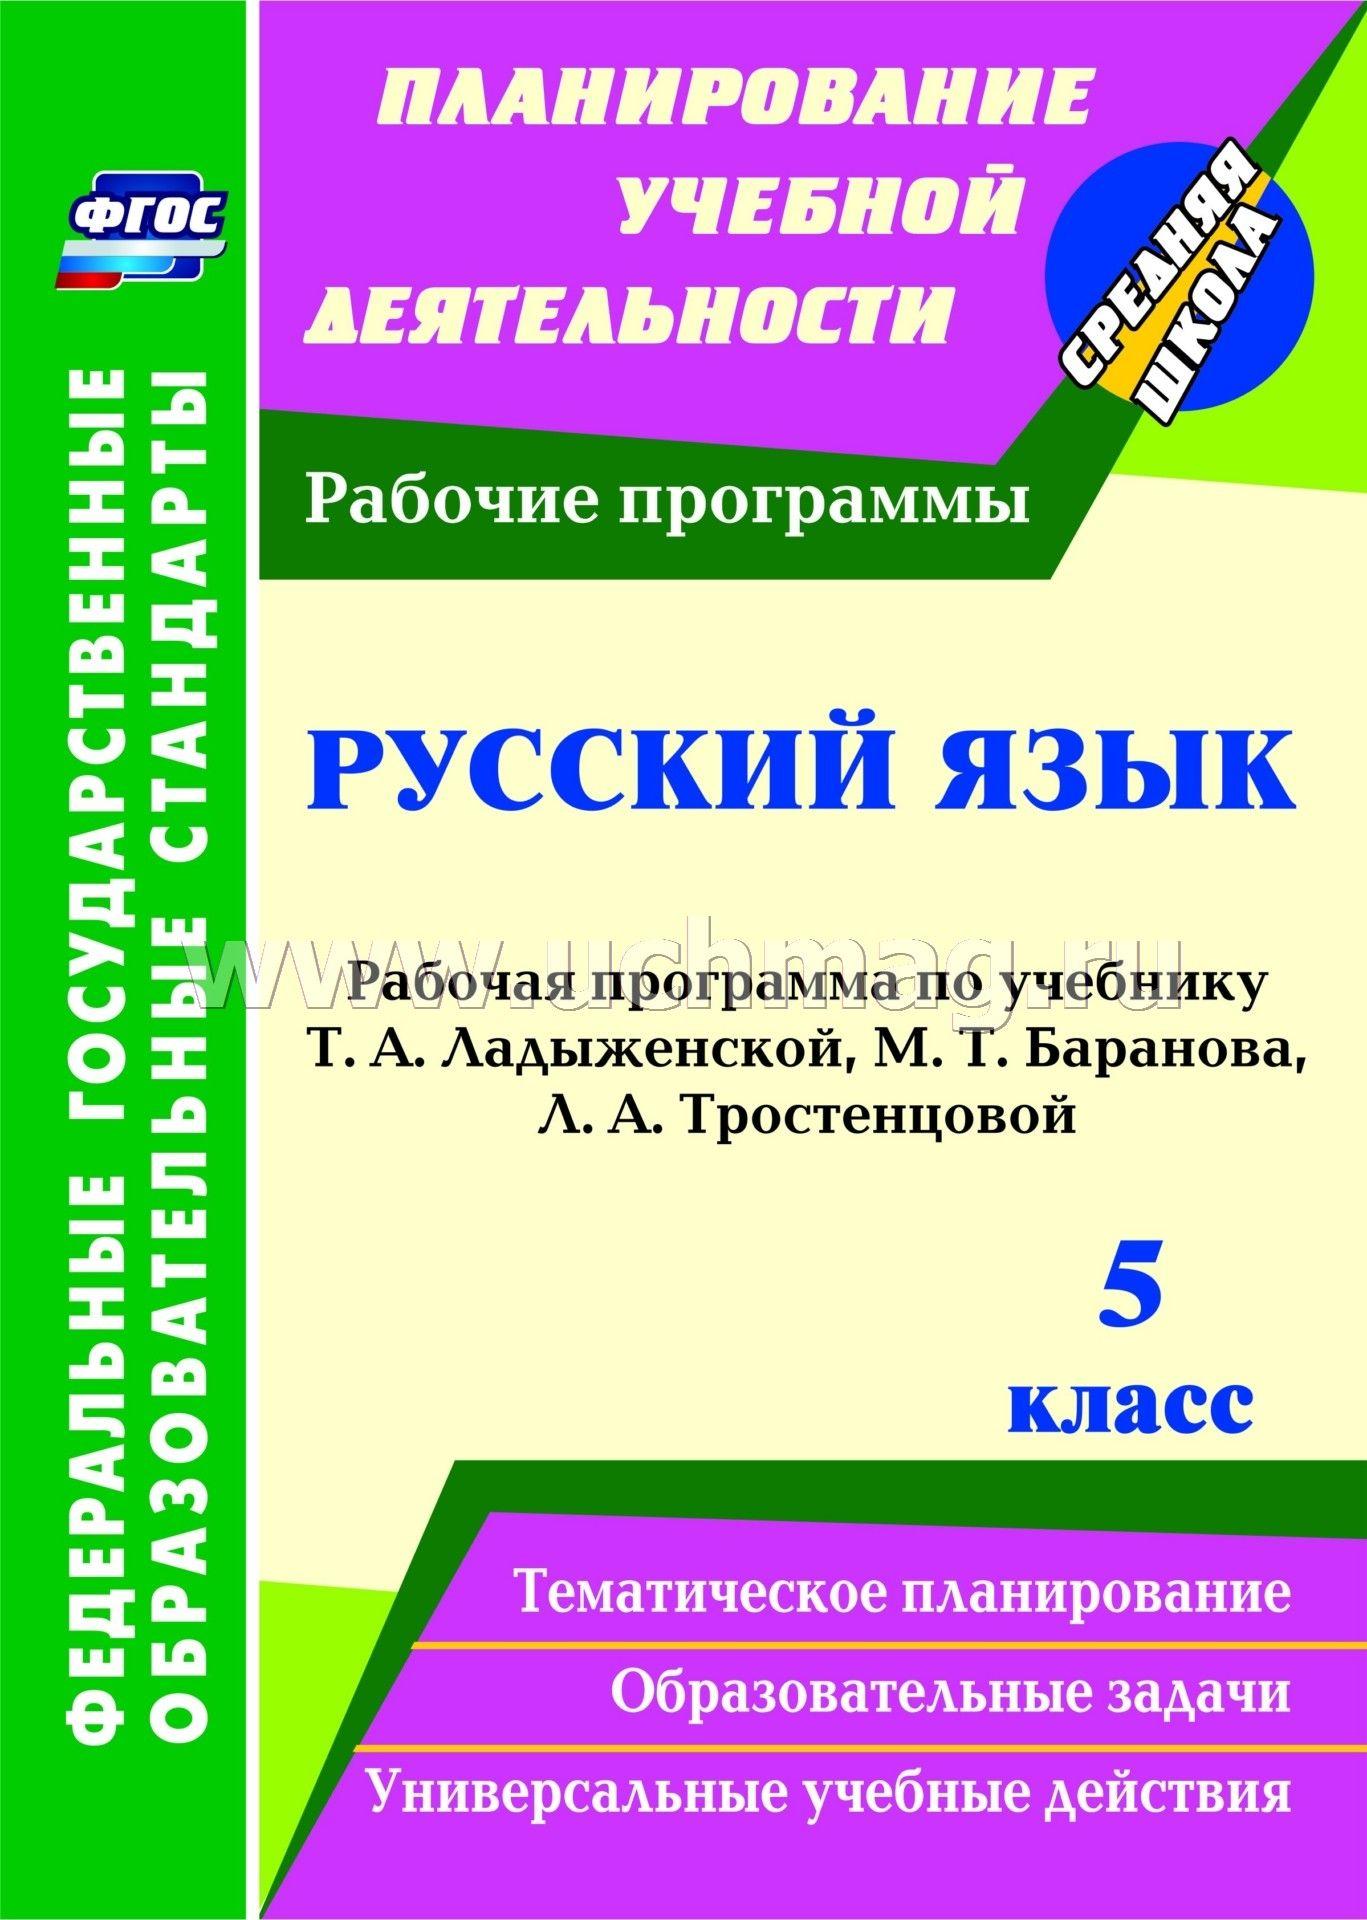 eop-9-klass-planirovanie-russkiy-yazik-uchebnik-razumovskaya-mm-2015-g-neinfektsionnie